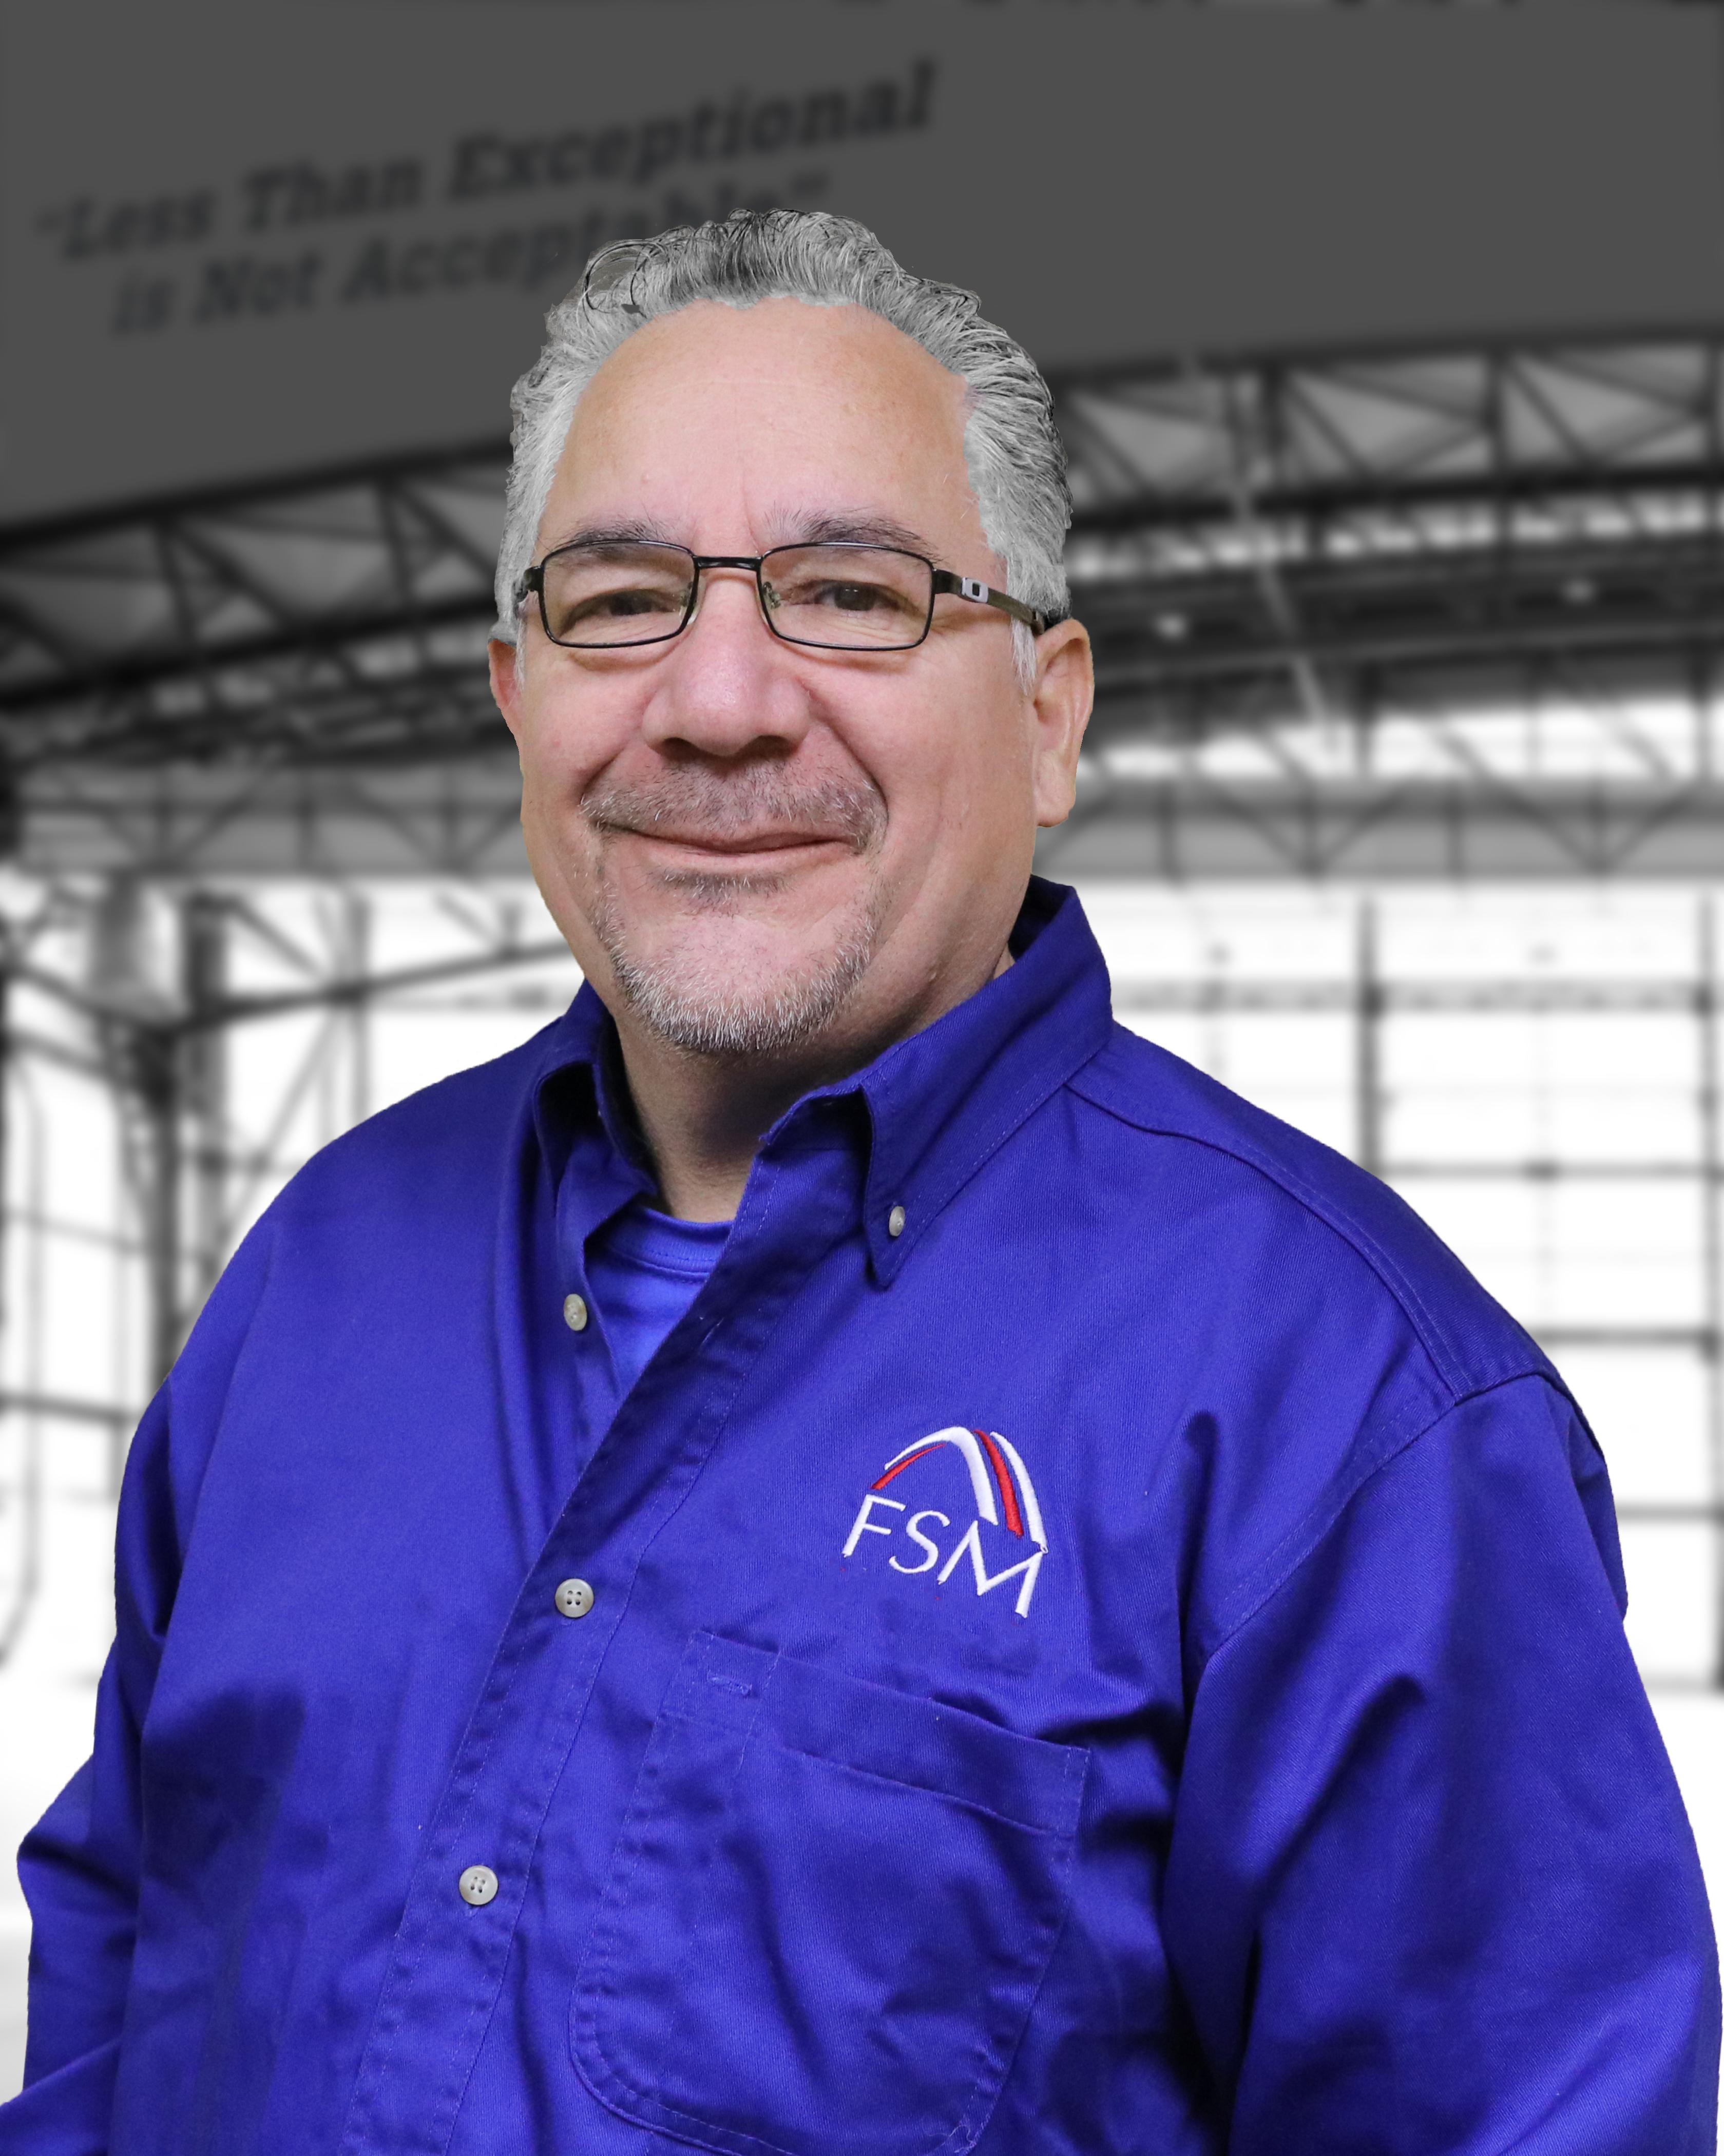 FSM Rick Ybarra Inspector